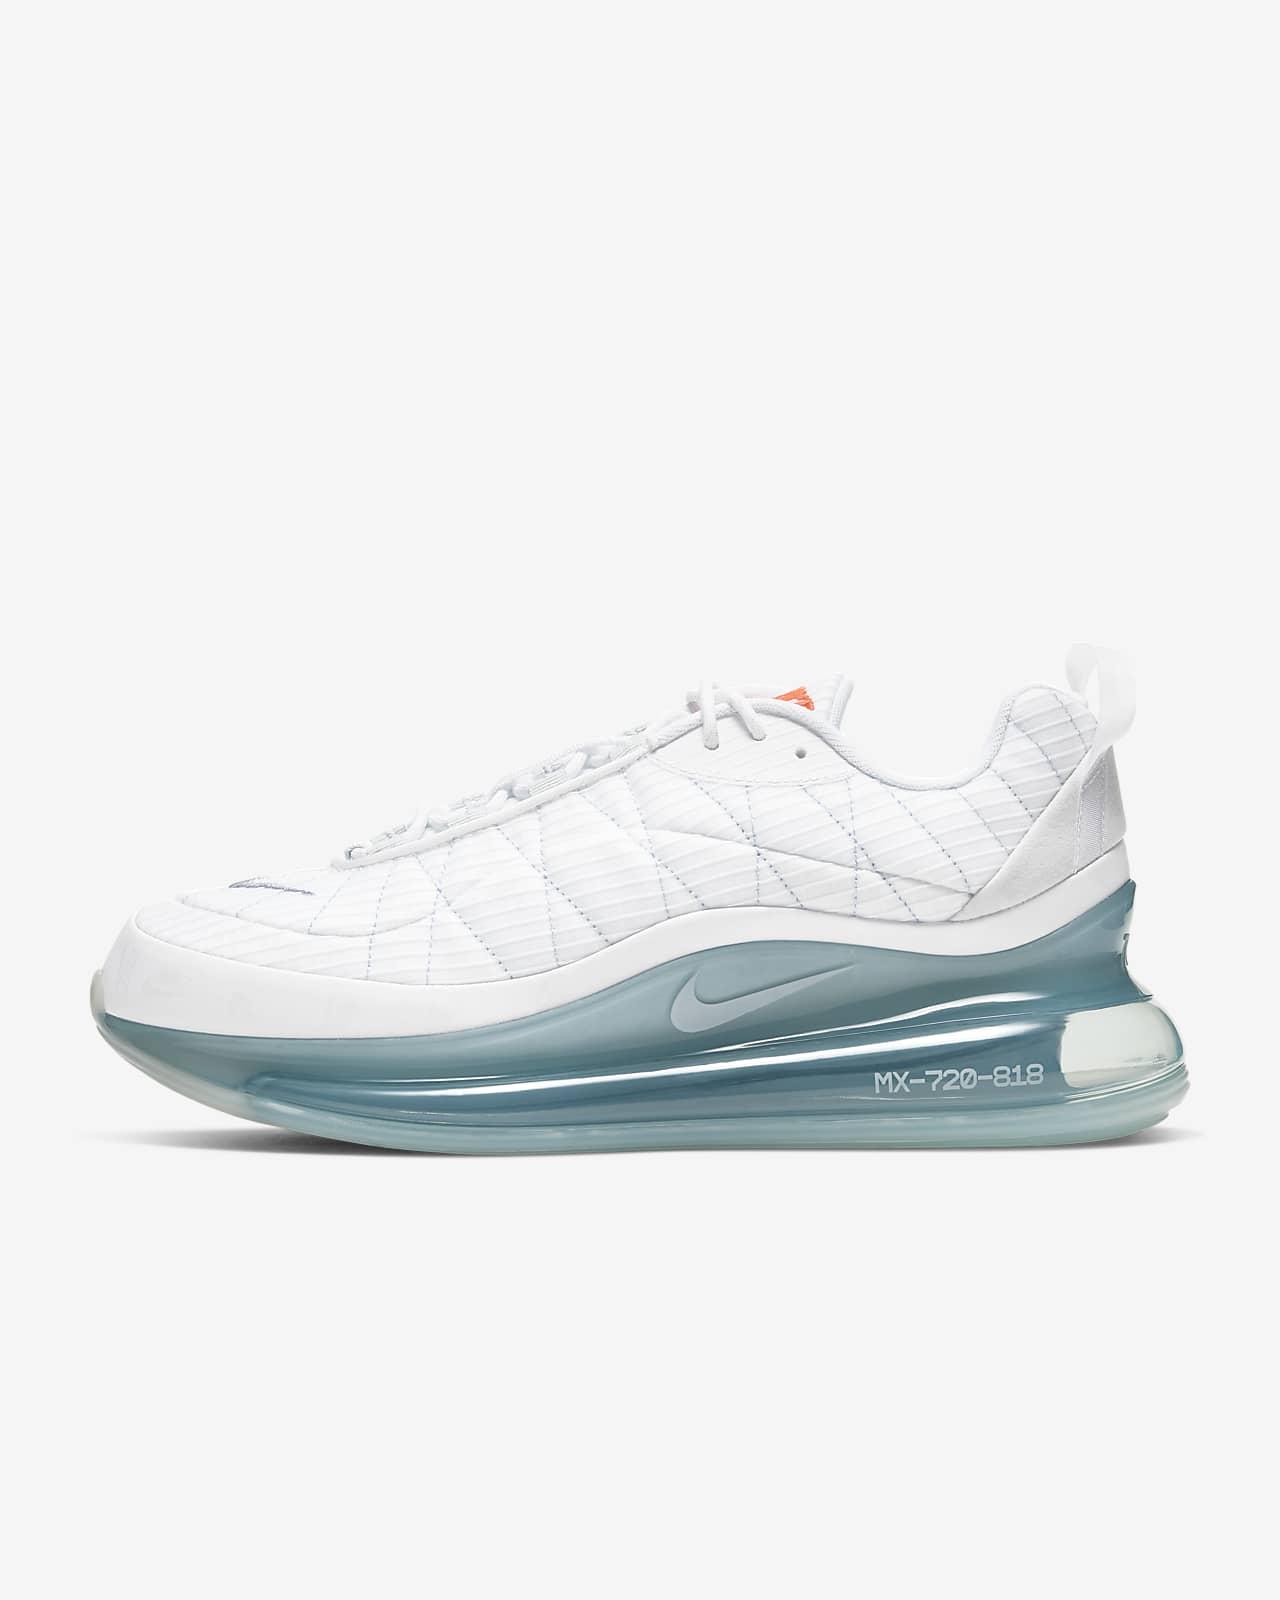 Pánská bota Nike MX-720-818